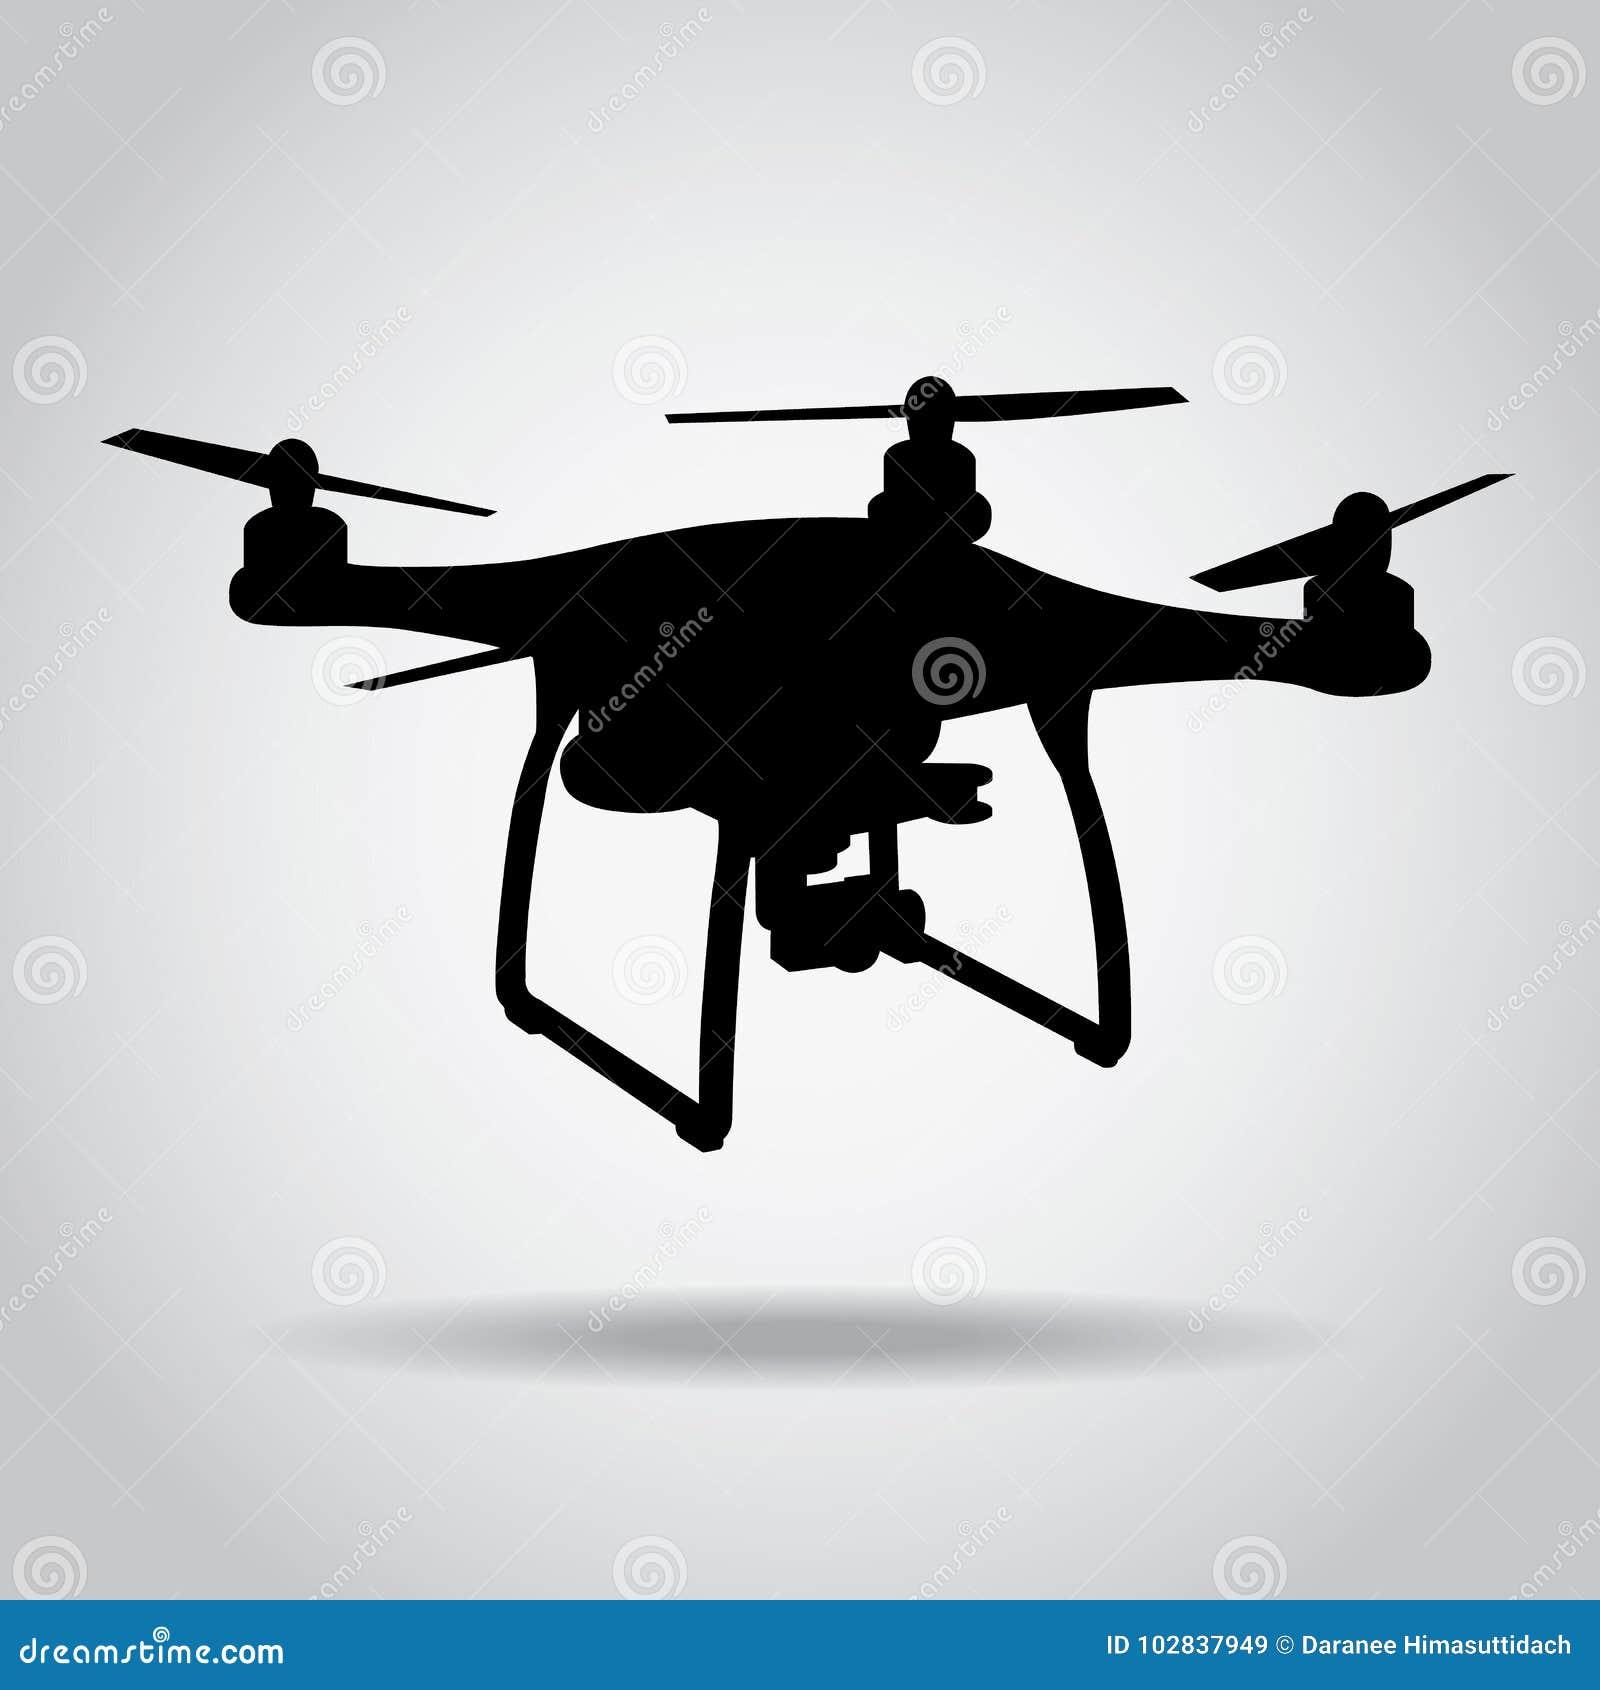 Download Drone Black Icon Camera Picture Video Vector Stock